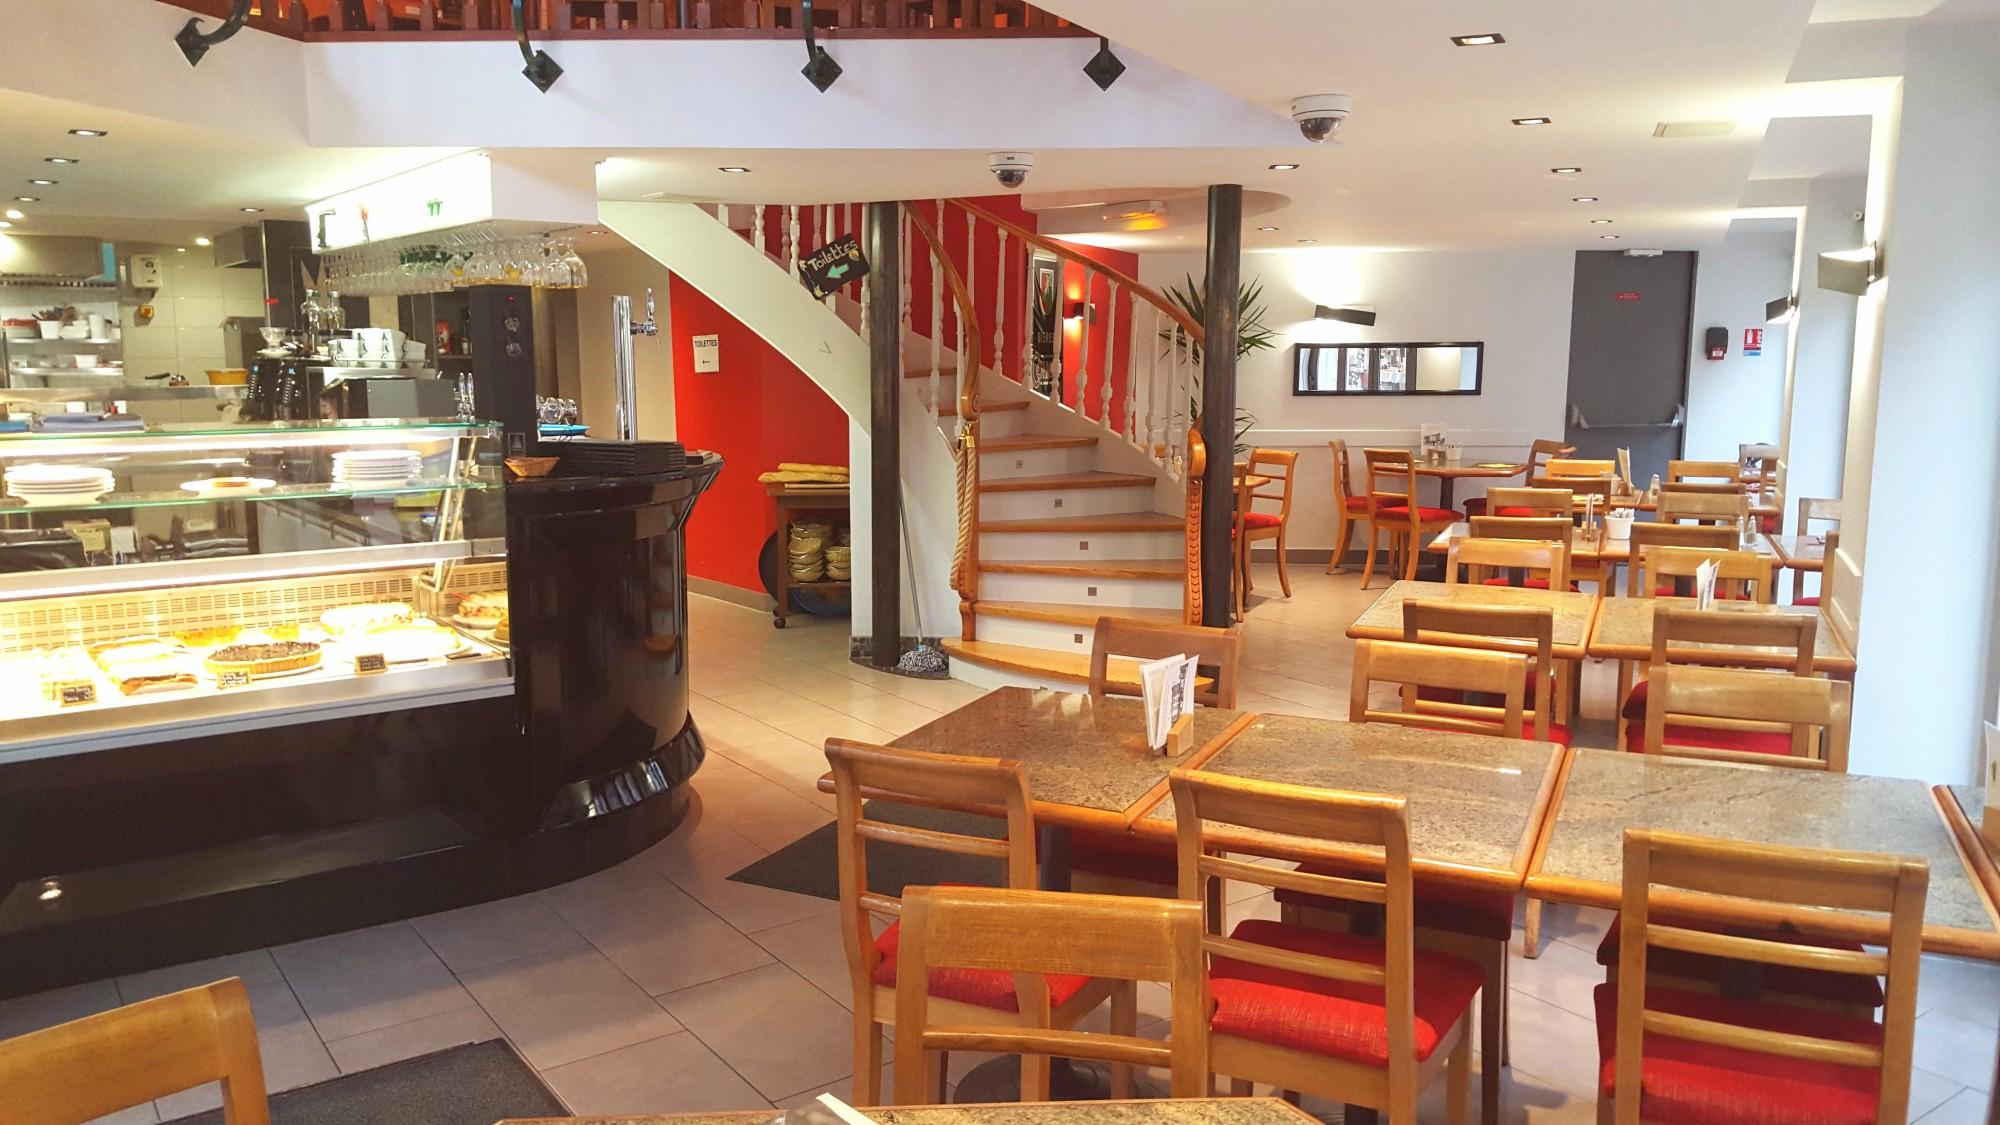 Office de tourisme de colmar en alsace brasserie des dominicains - Colmar office de tourisme ...